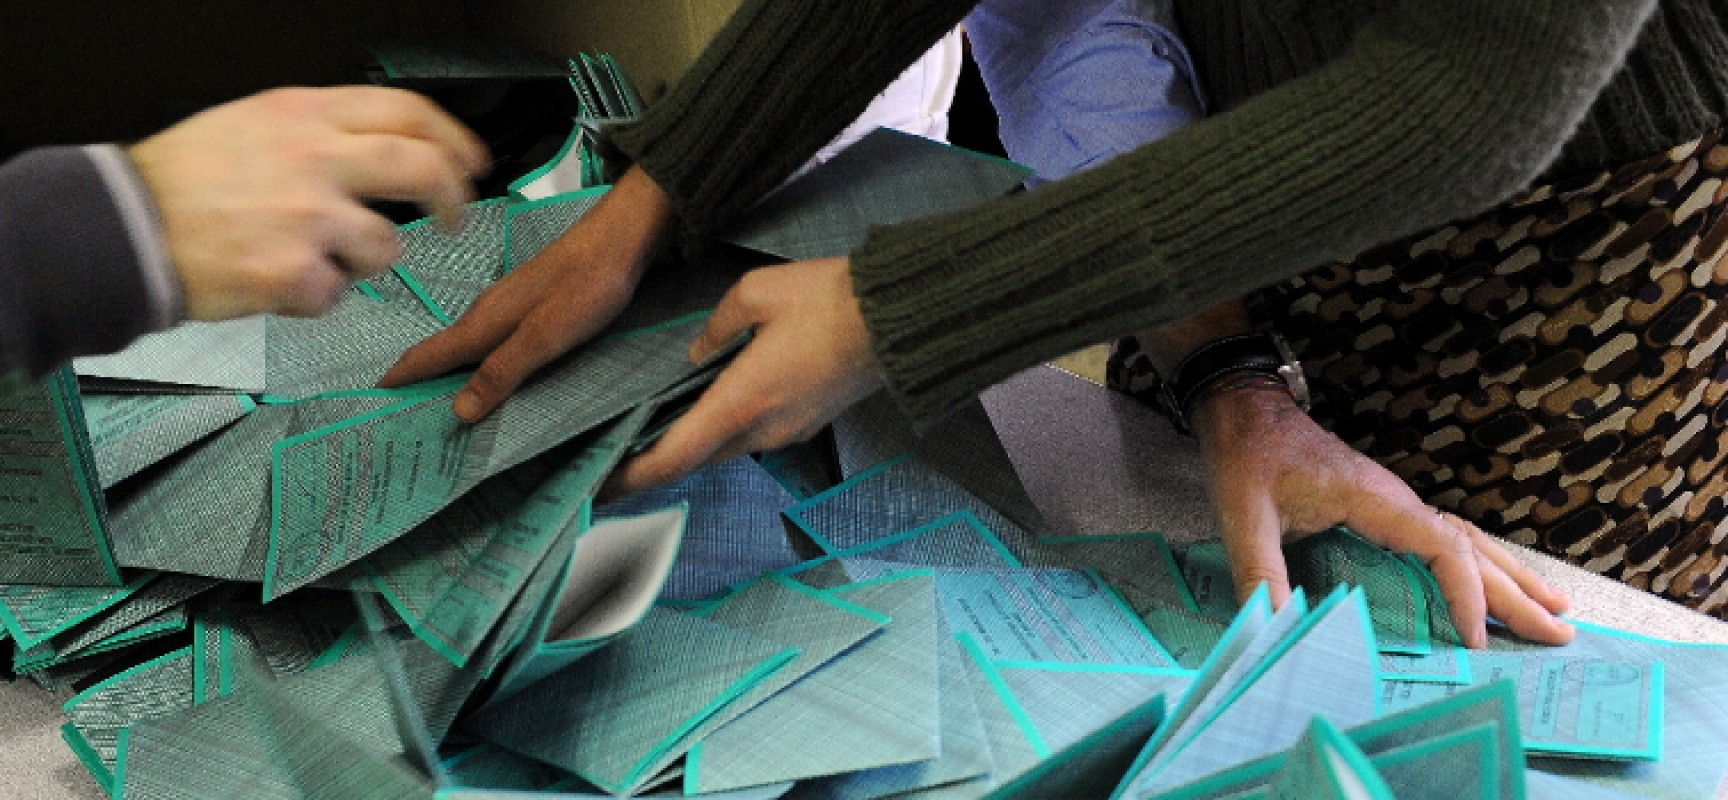 Sorteggio scrutatori per elezioni amministrative del 10 giugno